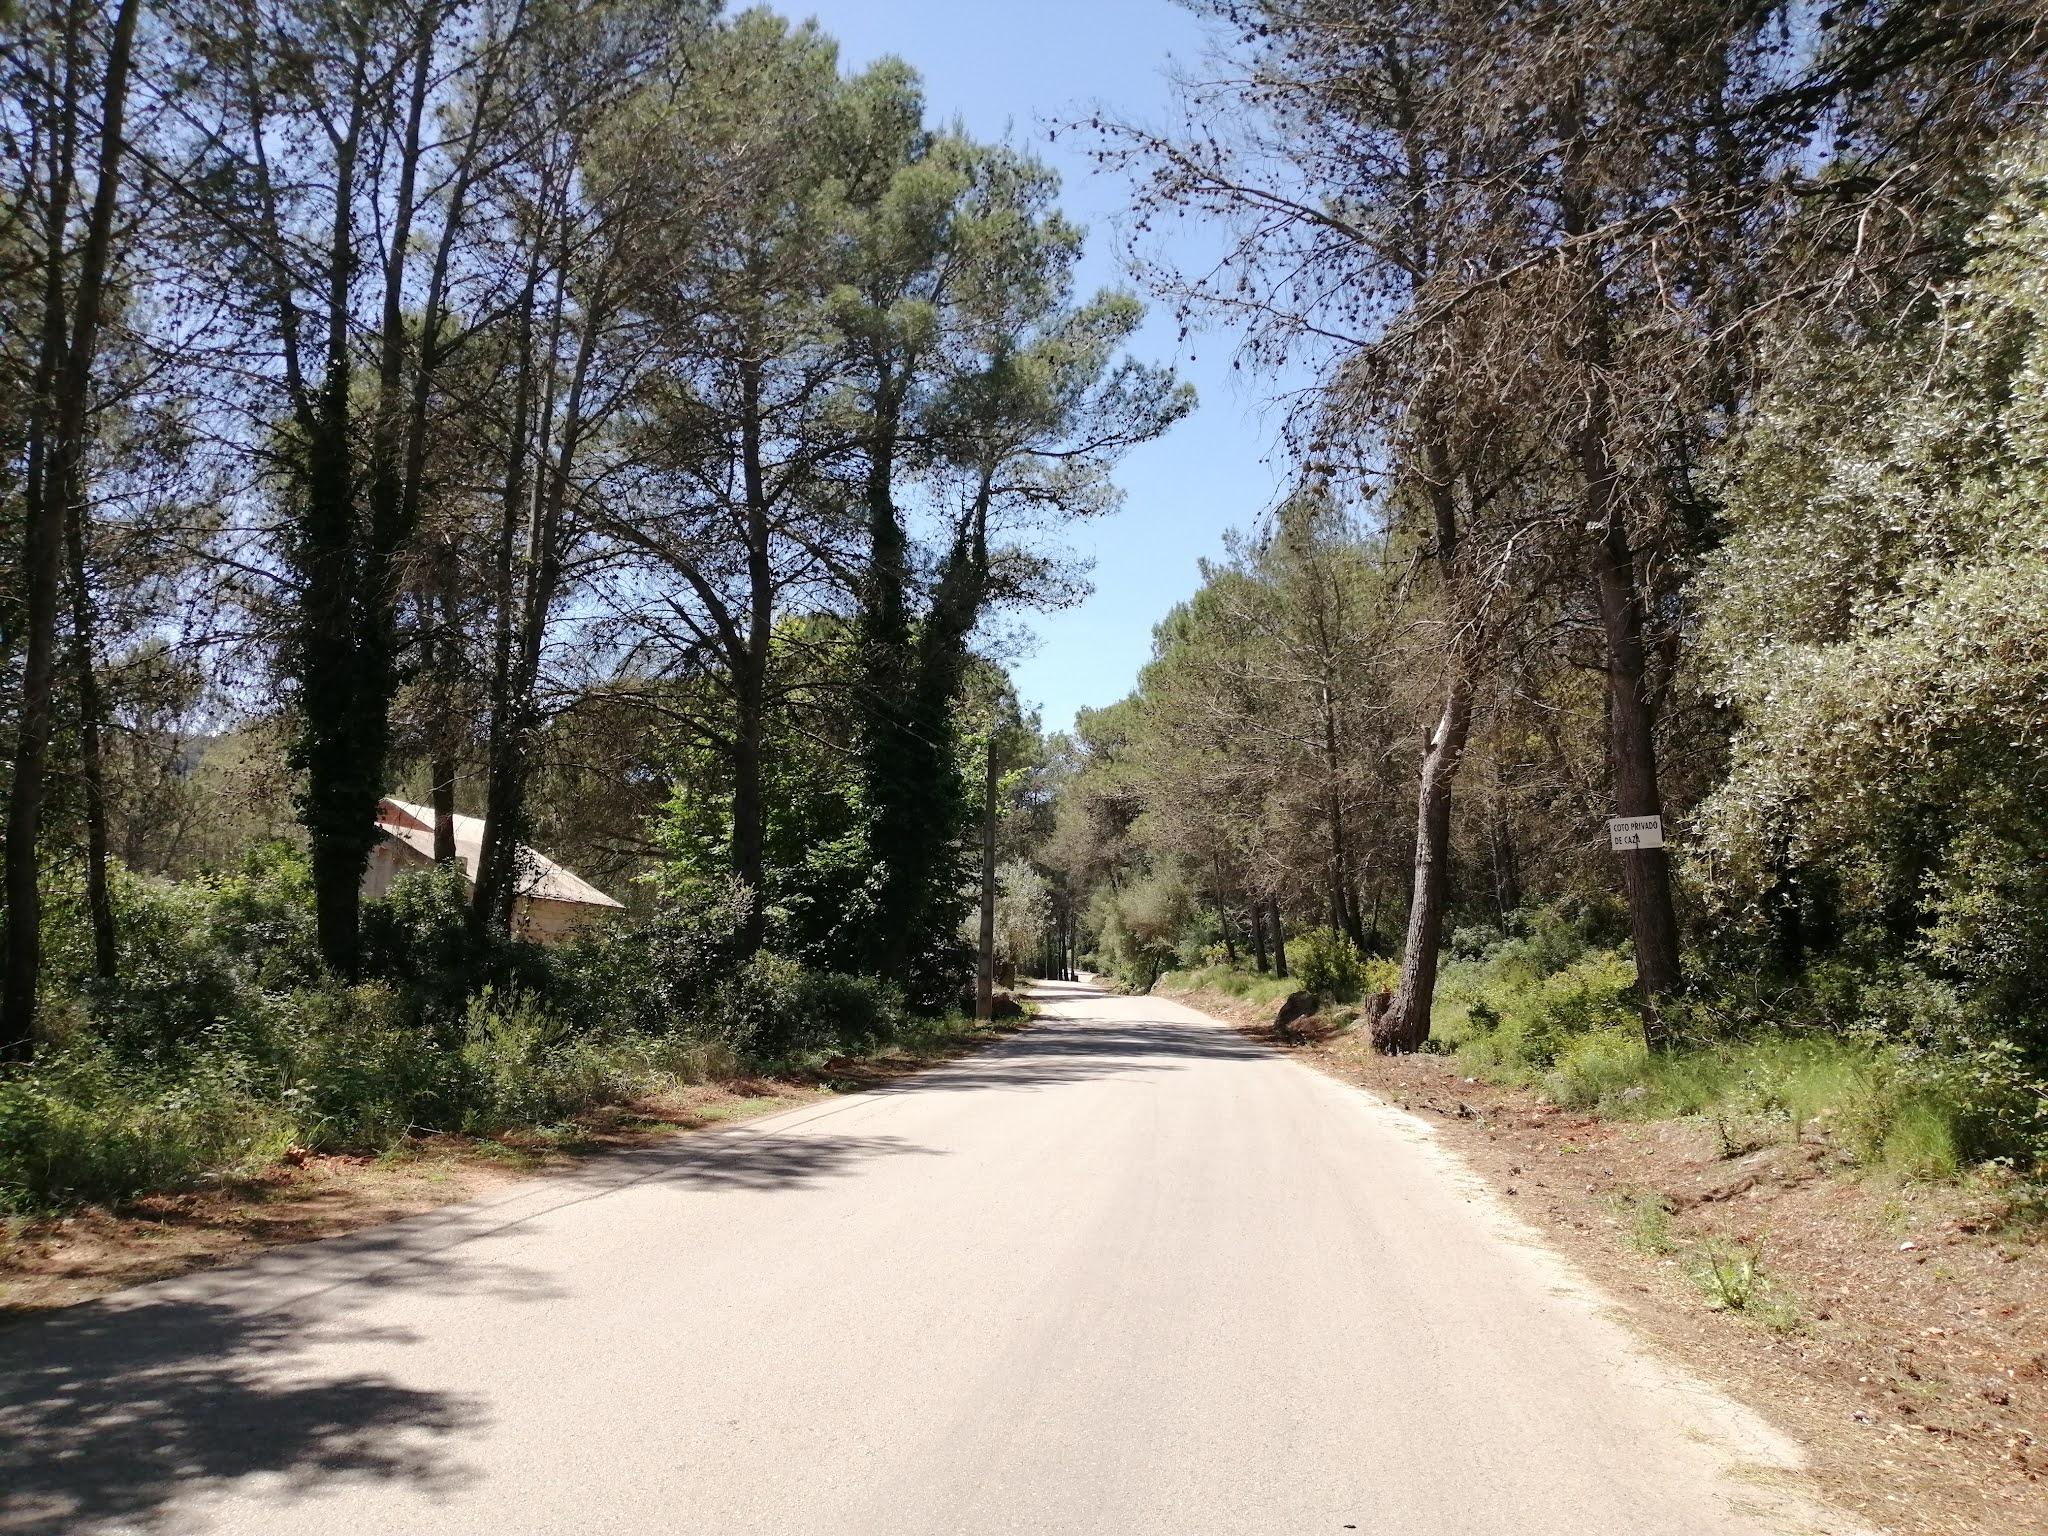 The road through la Llacuna, Valencia